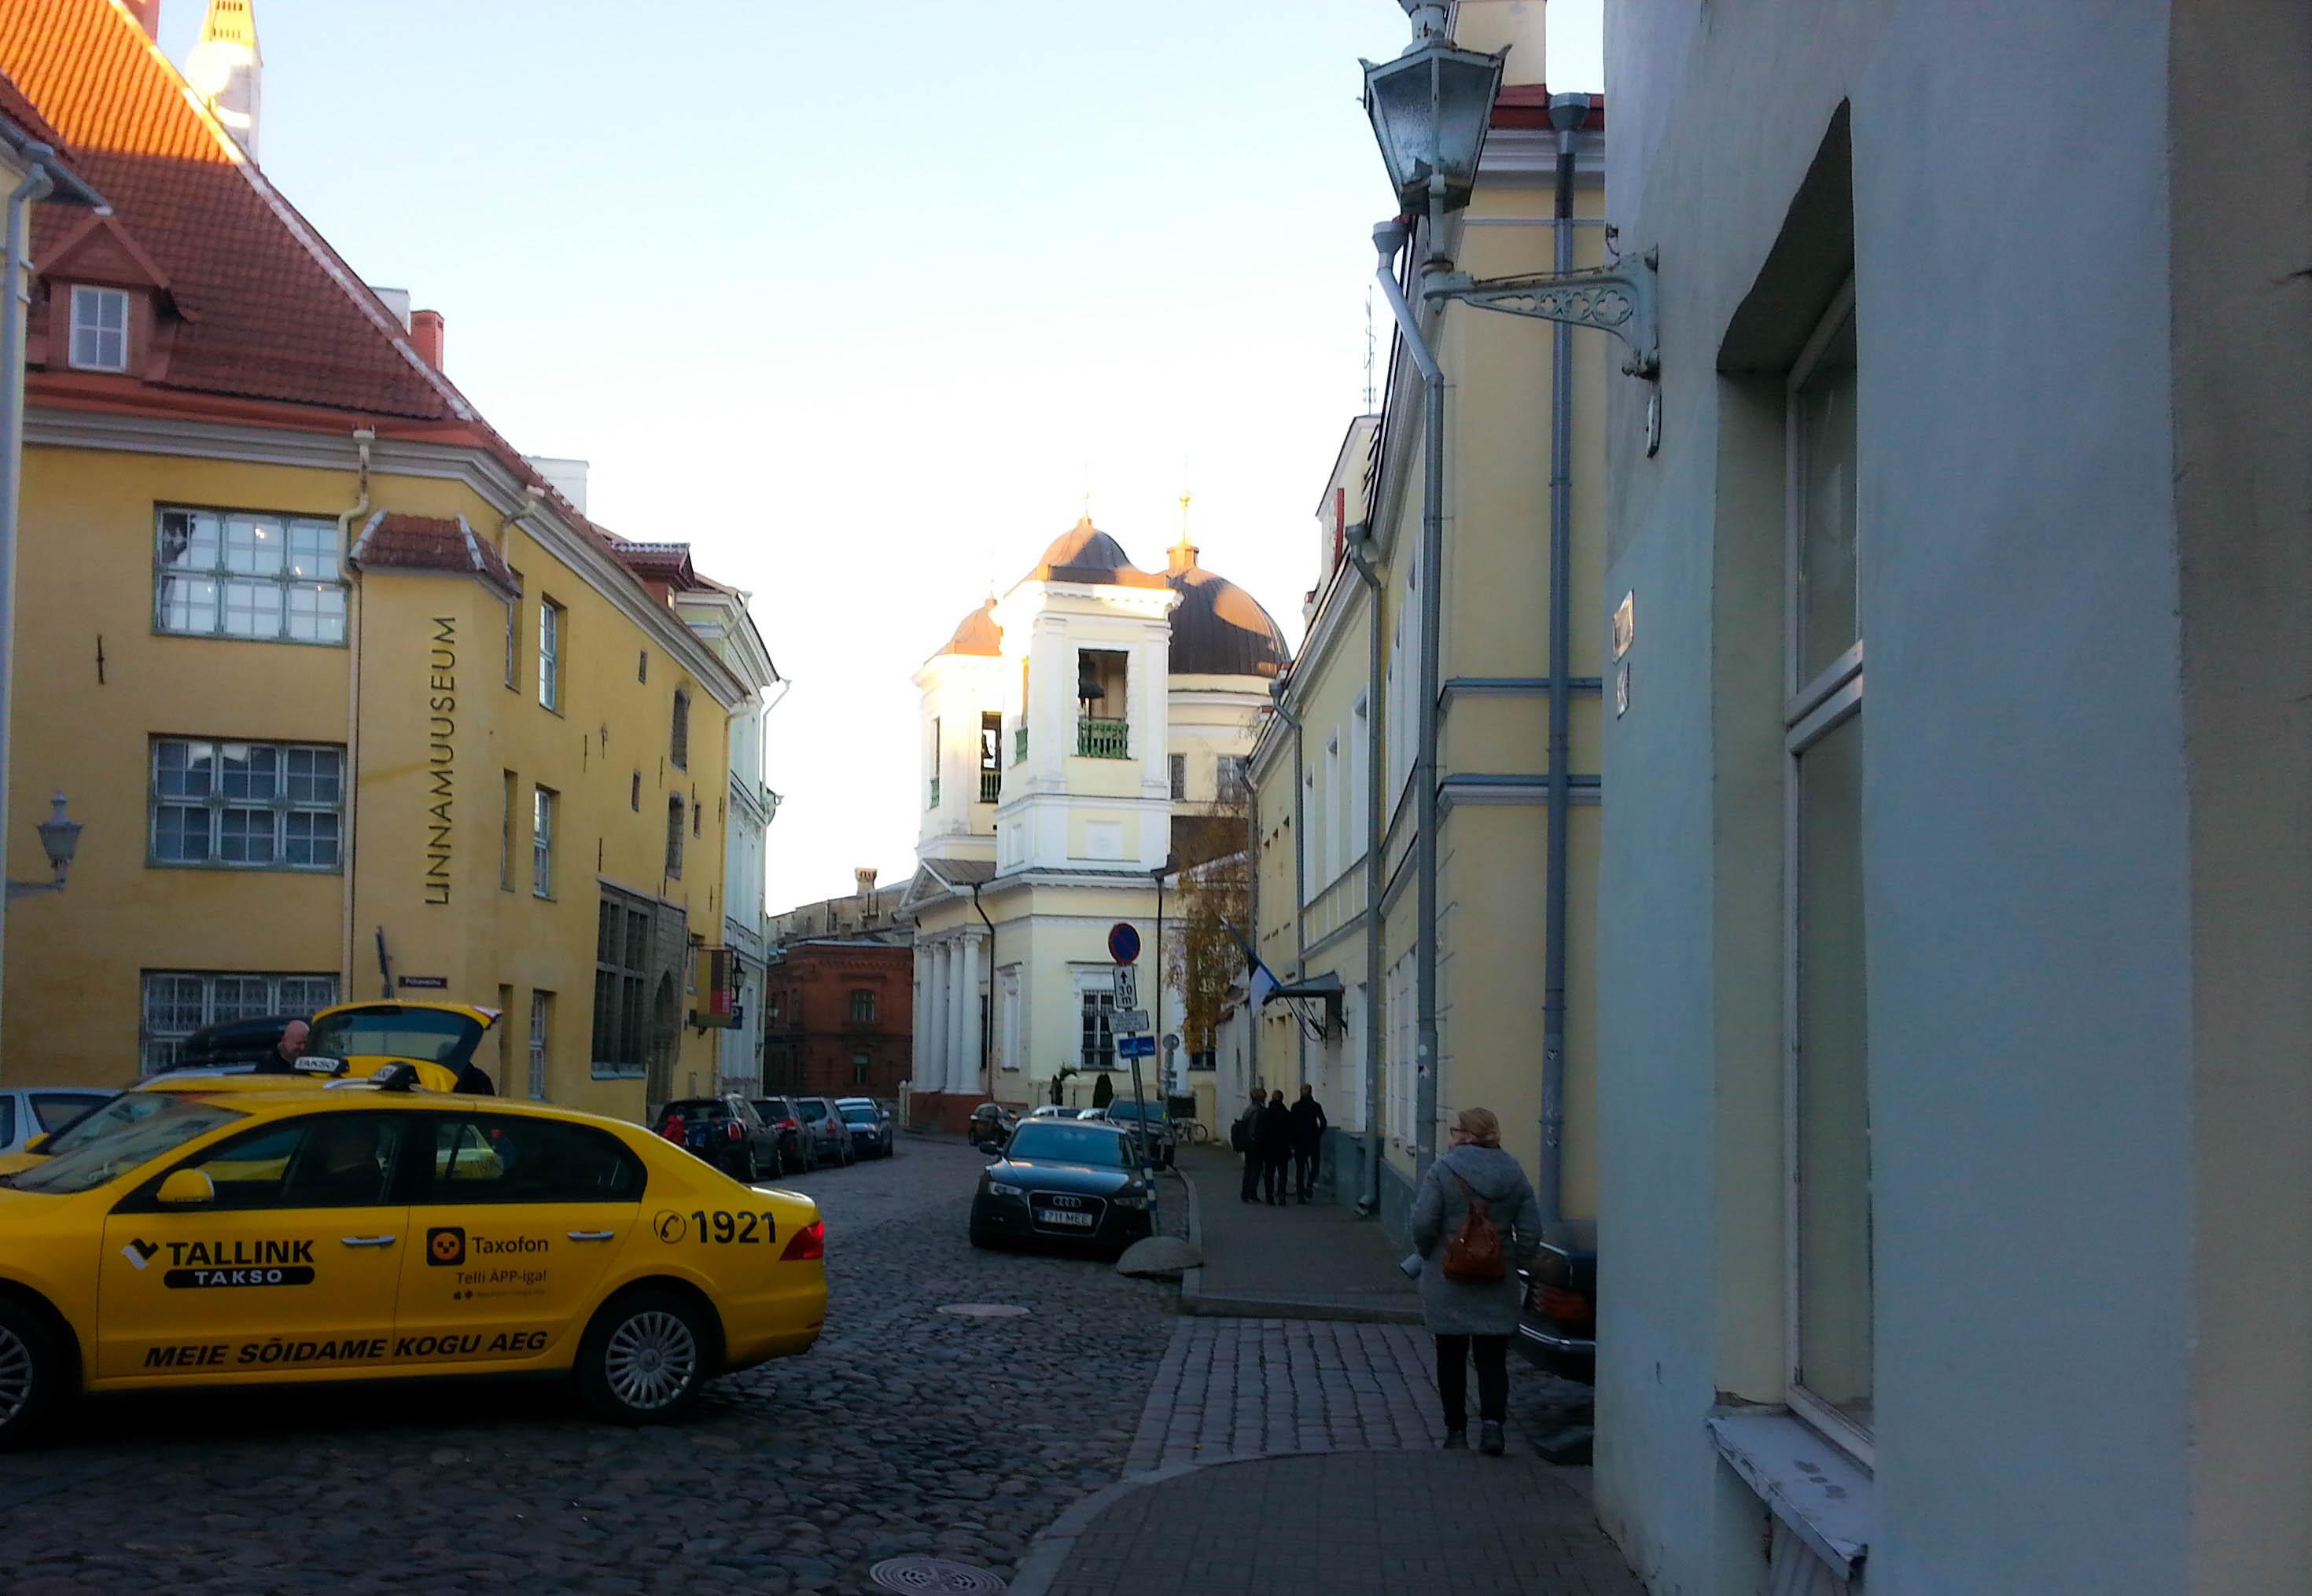 Tallinnan vanhan kaupungin kaduilta